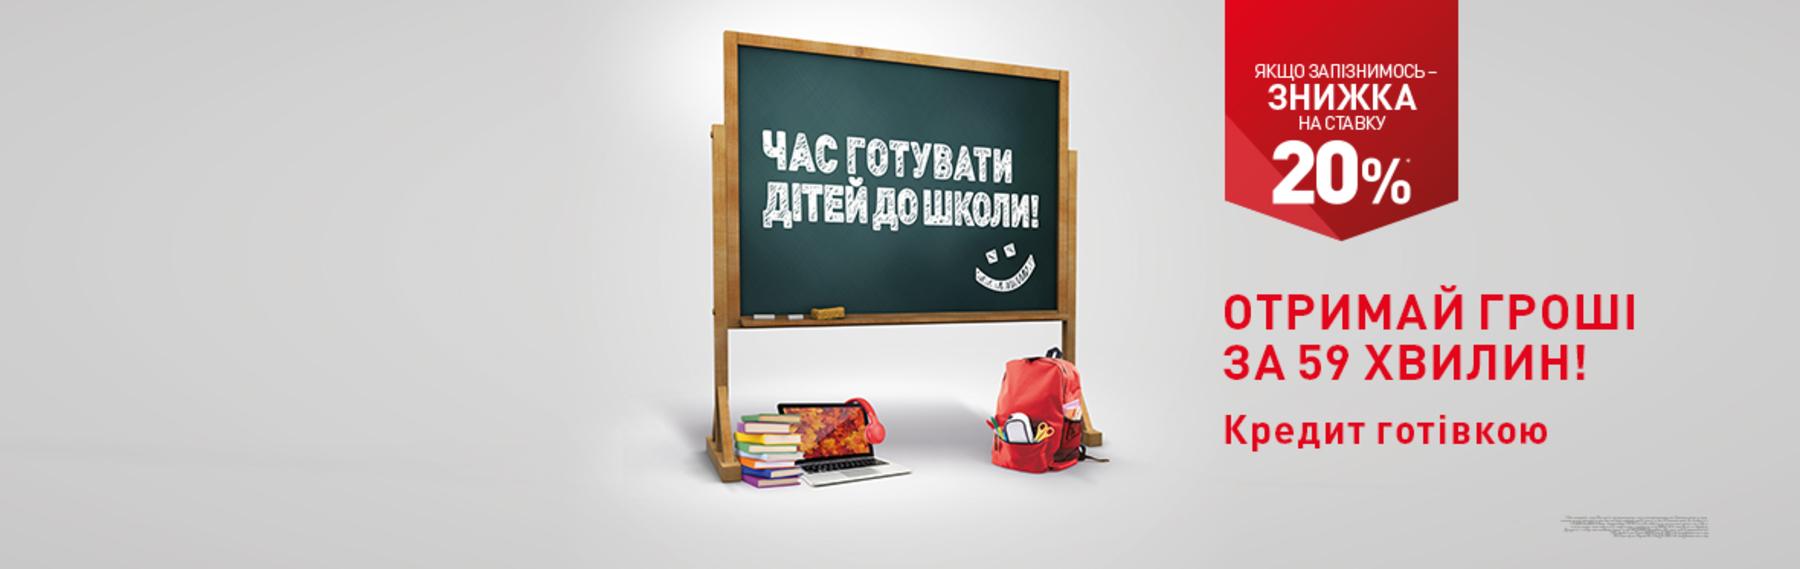 Брокбизнесбанк кривой рог форекс rutub.ru форекс учебное видео